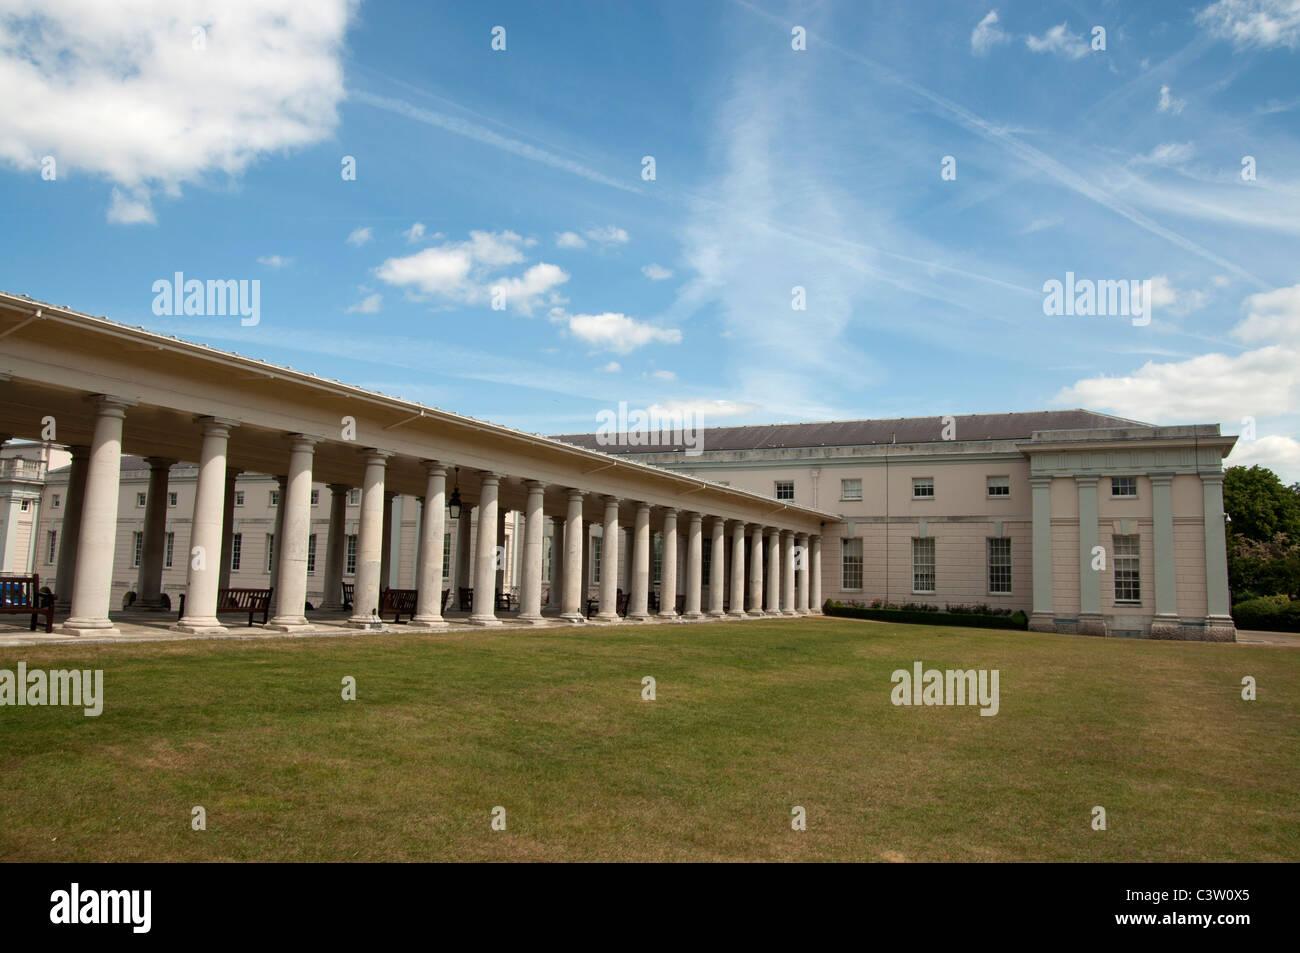 Greenwich London England UK - Stock Image